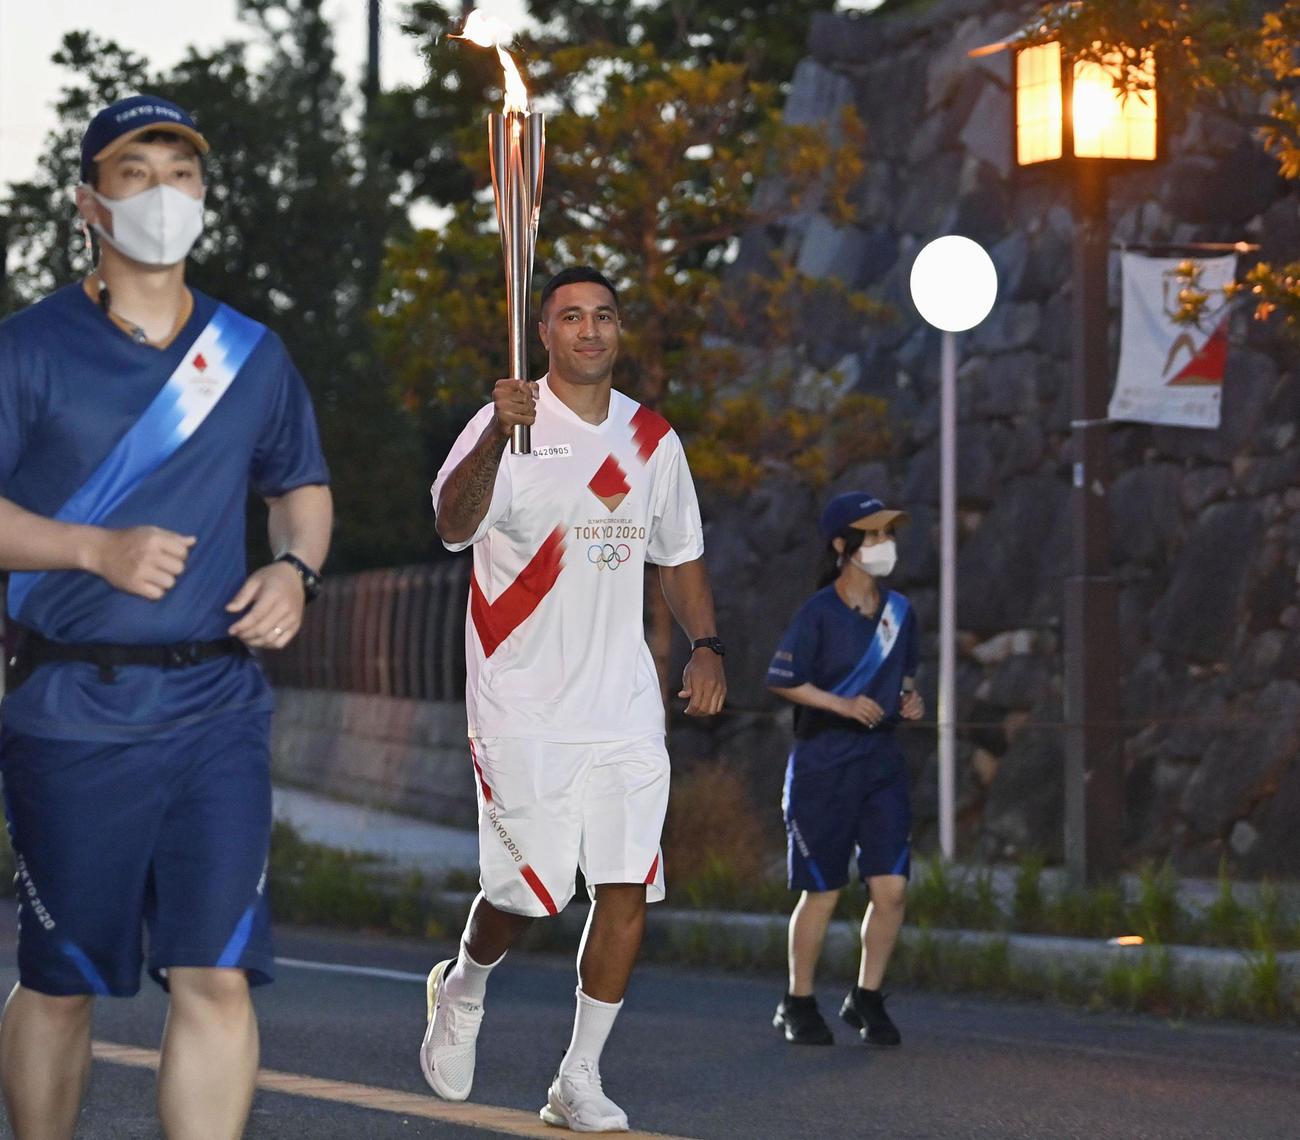 佐賀県唐津市で聖火ランナーを務めたウィリアム・トゥポウ